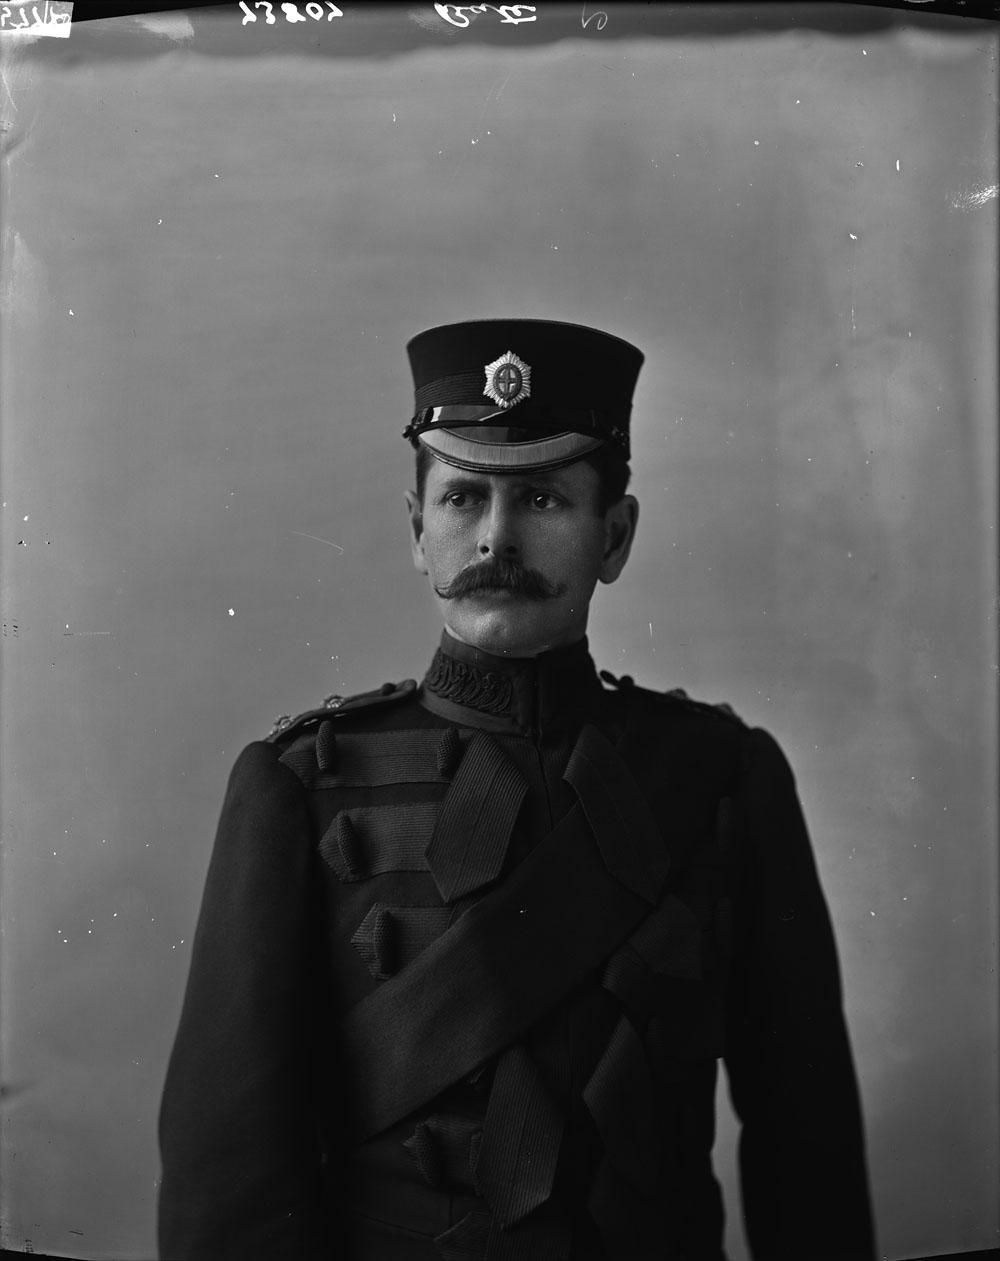 LCol H.A. Bate in 1897